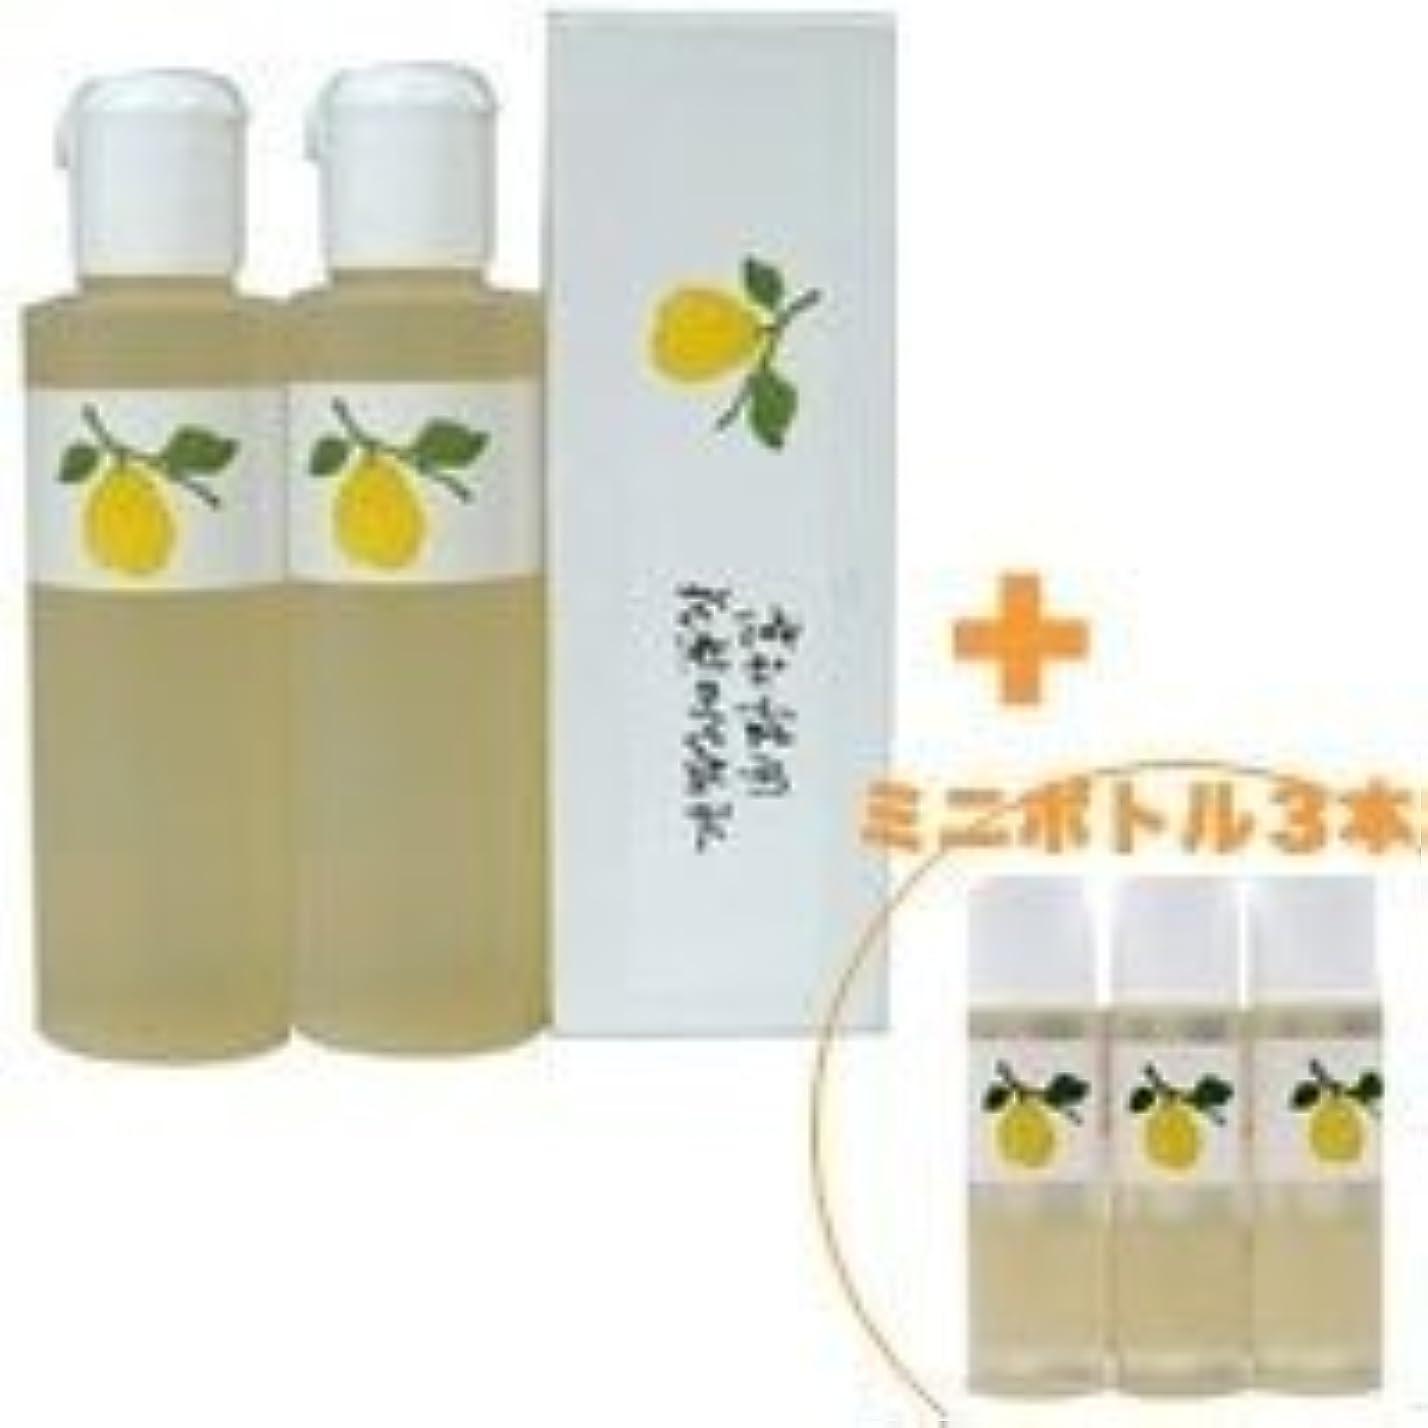 窓取得する音声学花梨の化粧水 200ml 2本&ミニボトル 3本 美容液 栄養クリームのいらないお肌へ 保湿と乾燥対策に